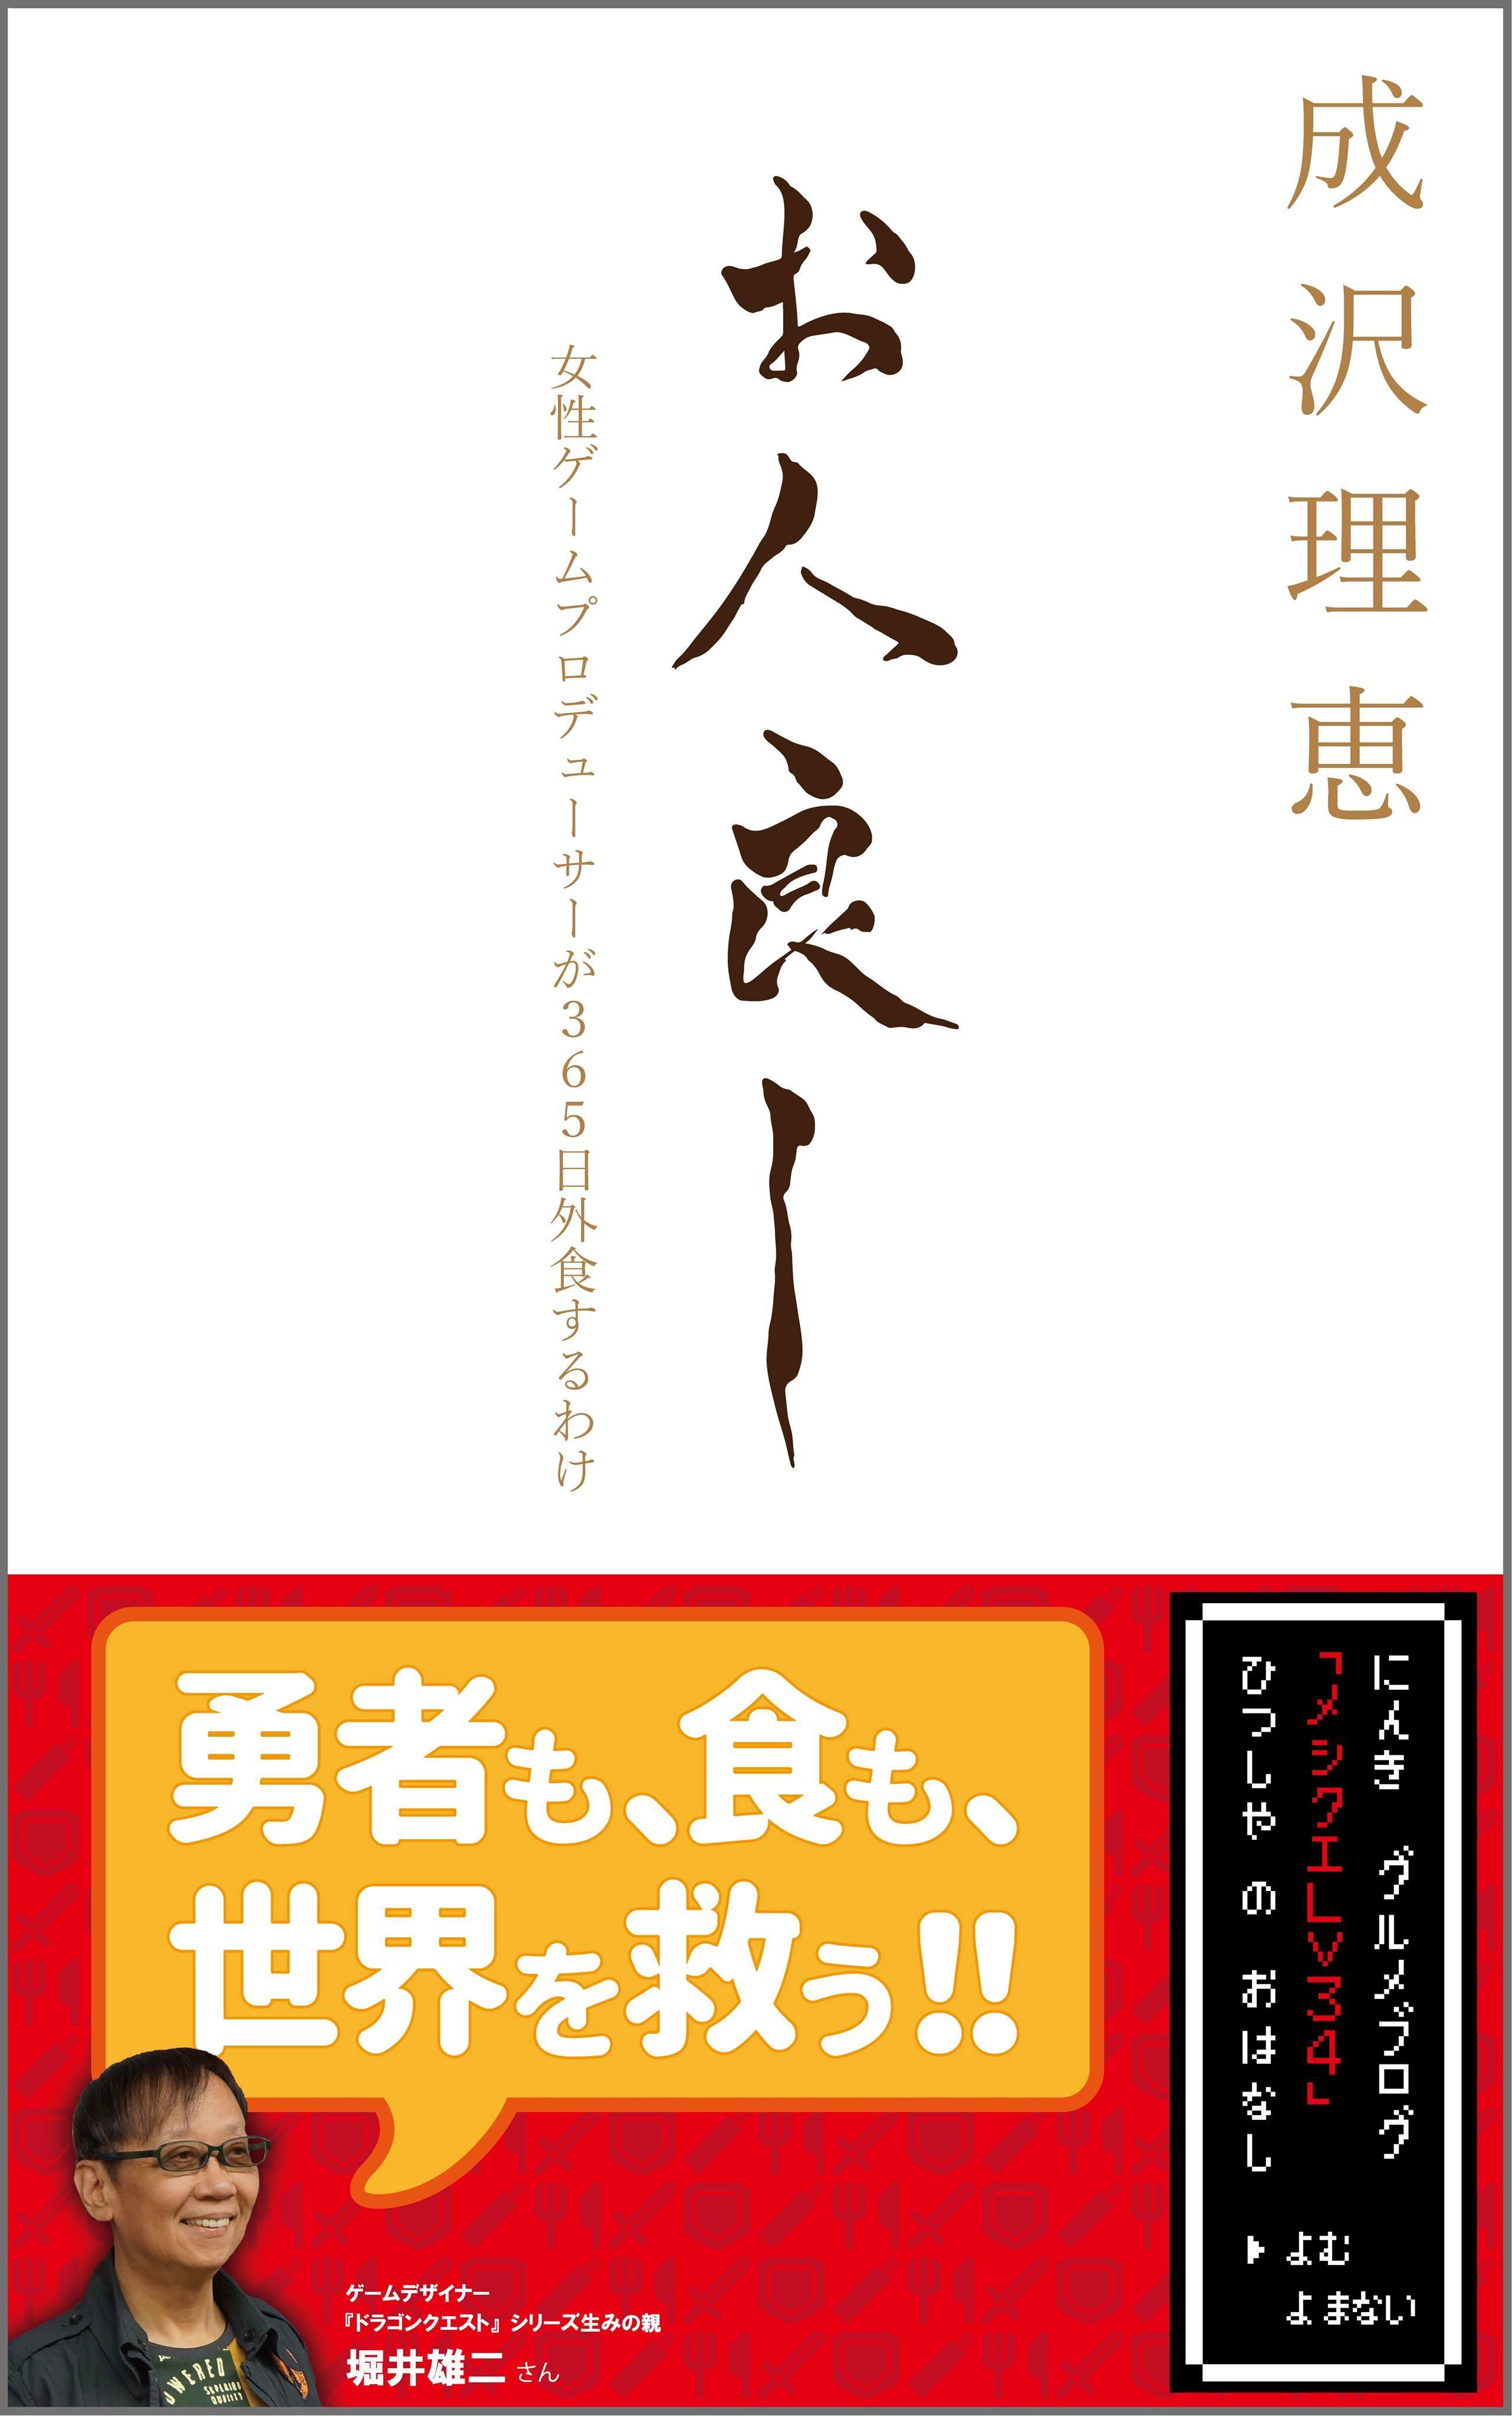 「メシクエLV34」の本が発売されました!!_f0232060_23151502.jpg